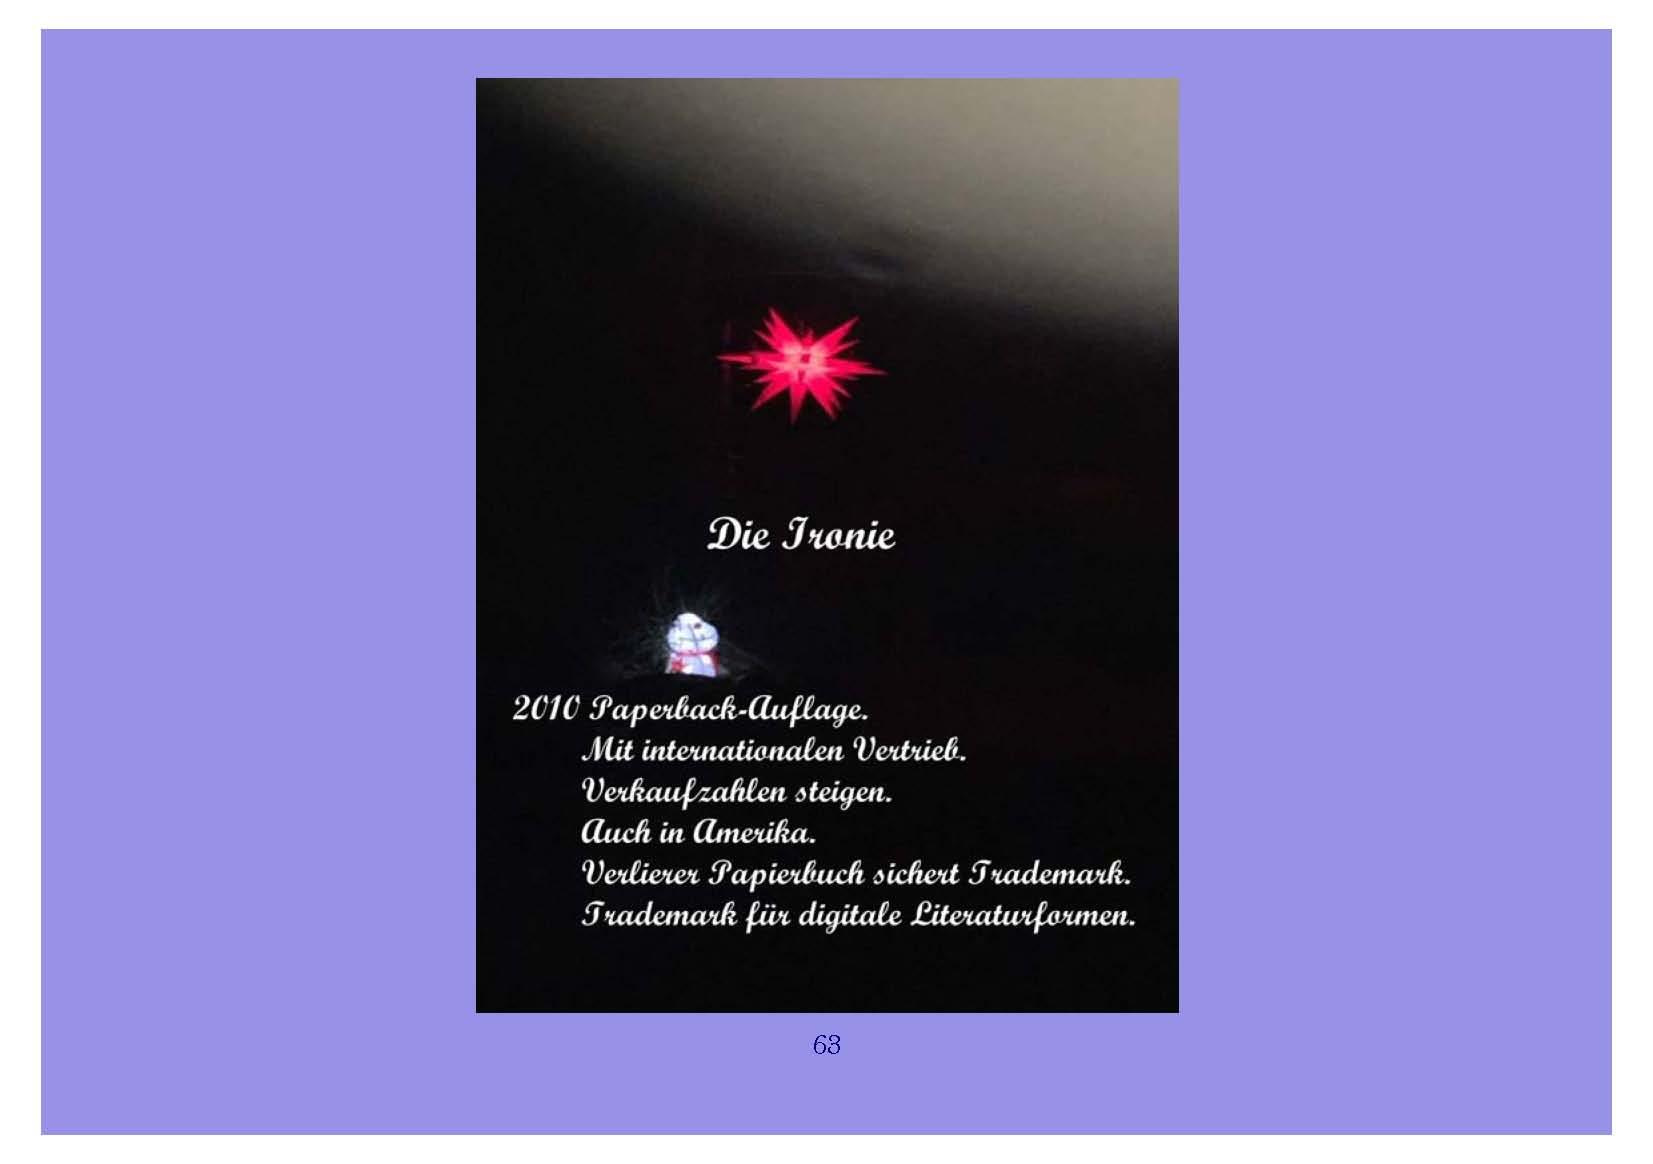 ™Gigabuch-Bibliothek/iAutobiographie Band 19/Bild 1478